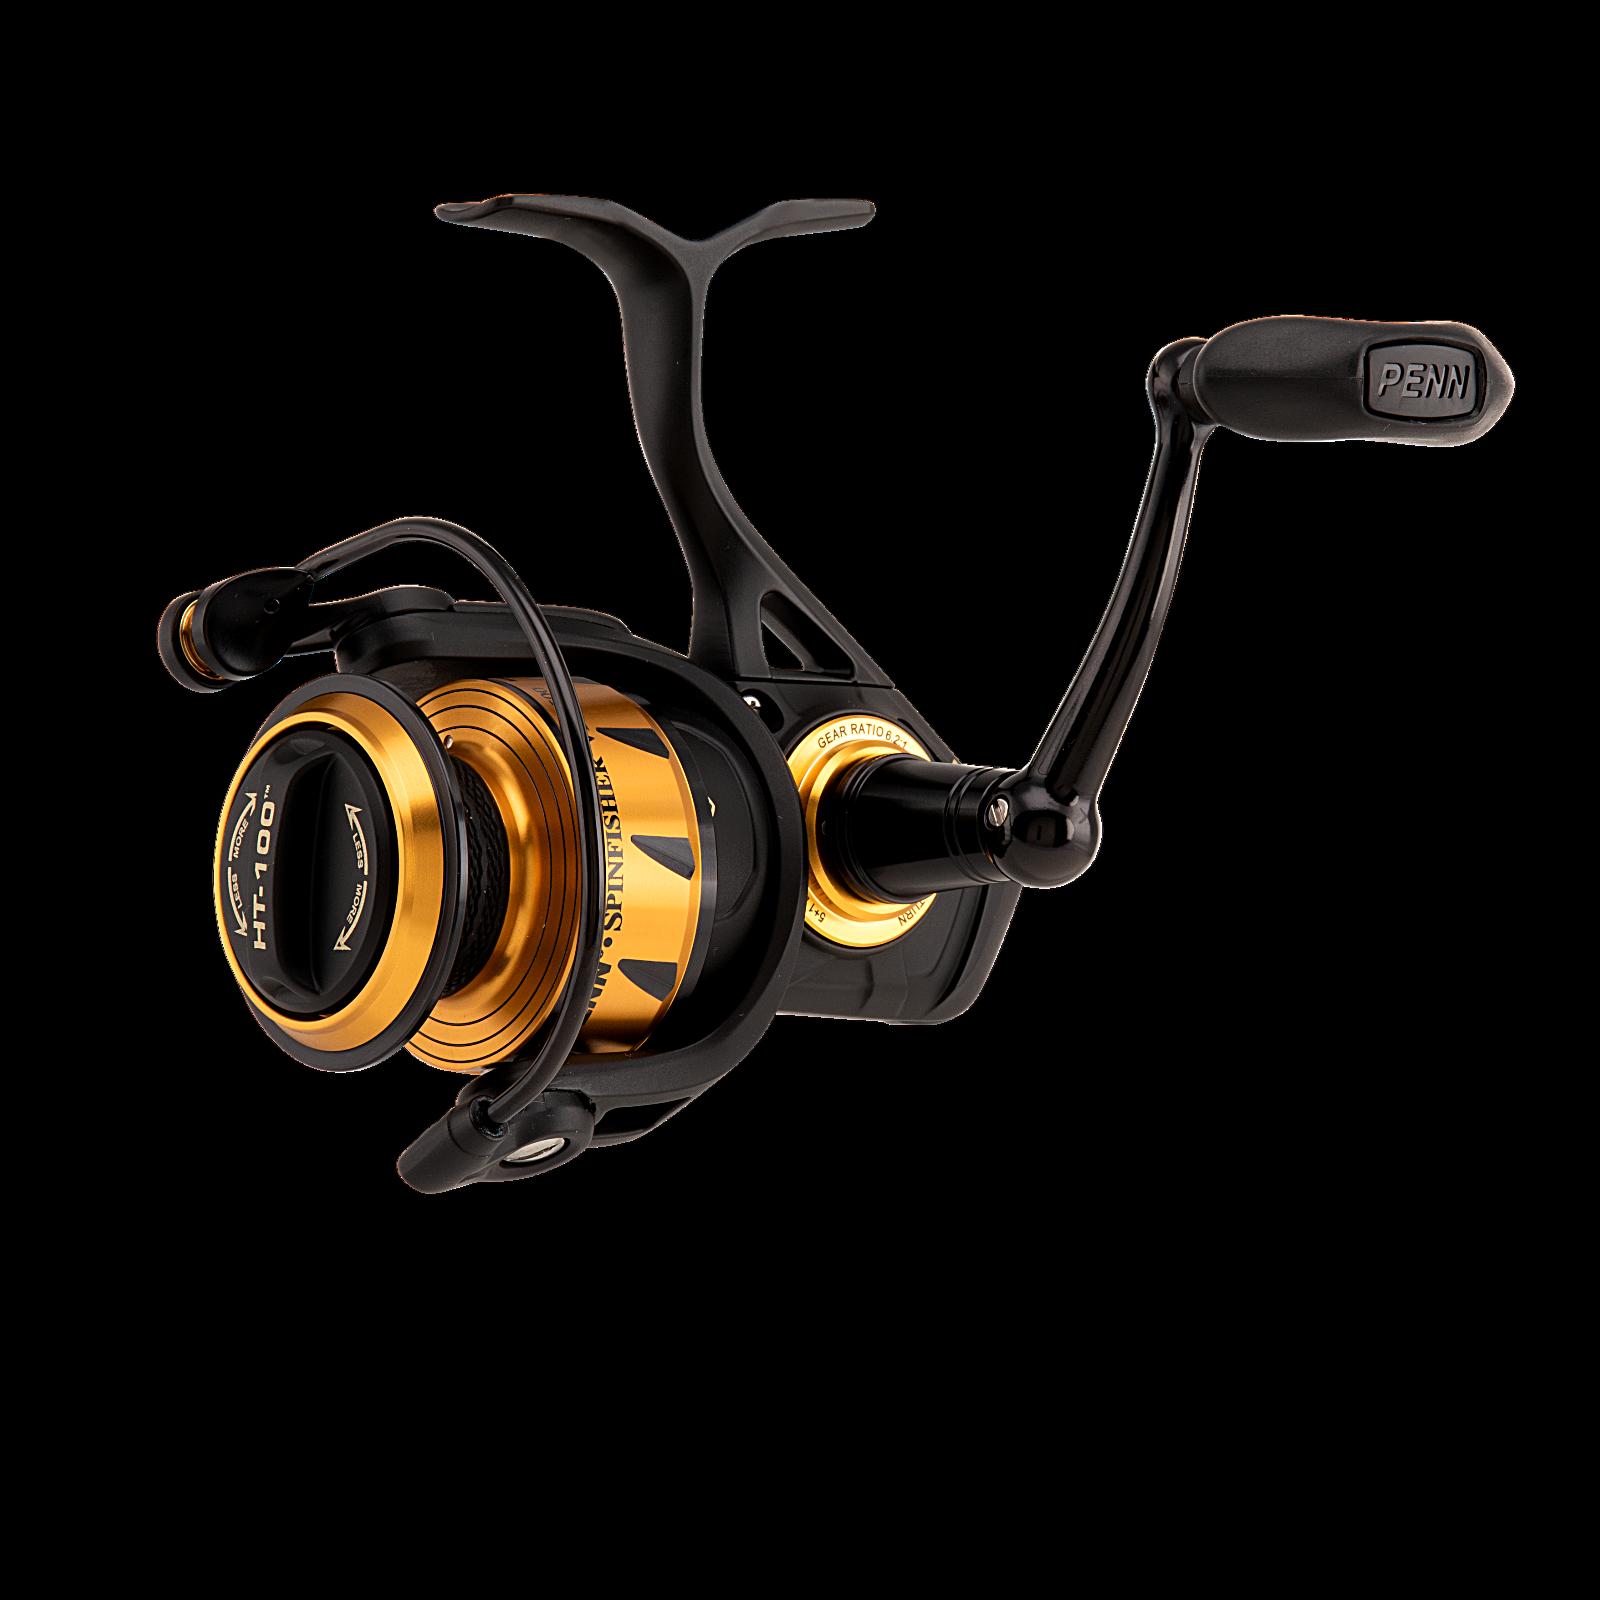 0,5mm Fahrrad Sattelstützen 0,3mm Prophete 6532 Distanzhülsen f 1mm 0,4mm